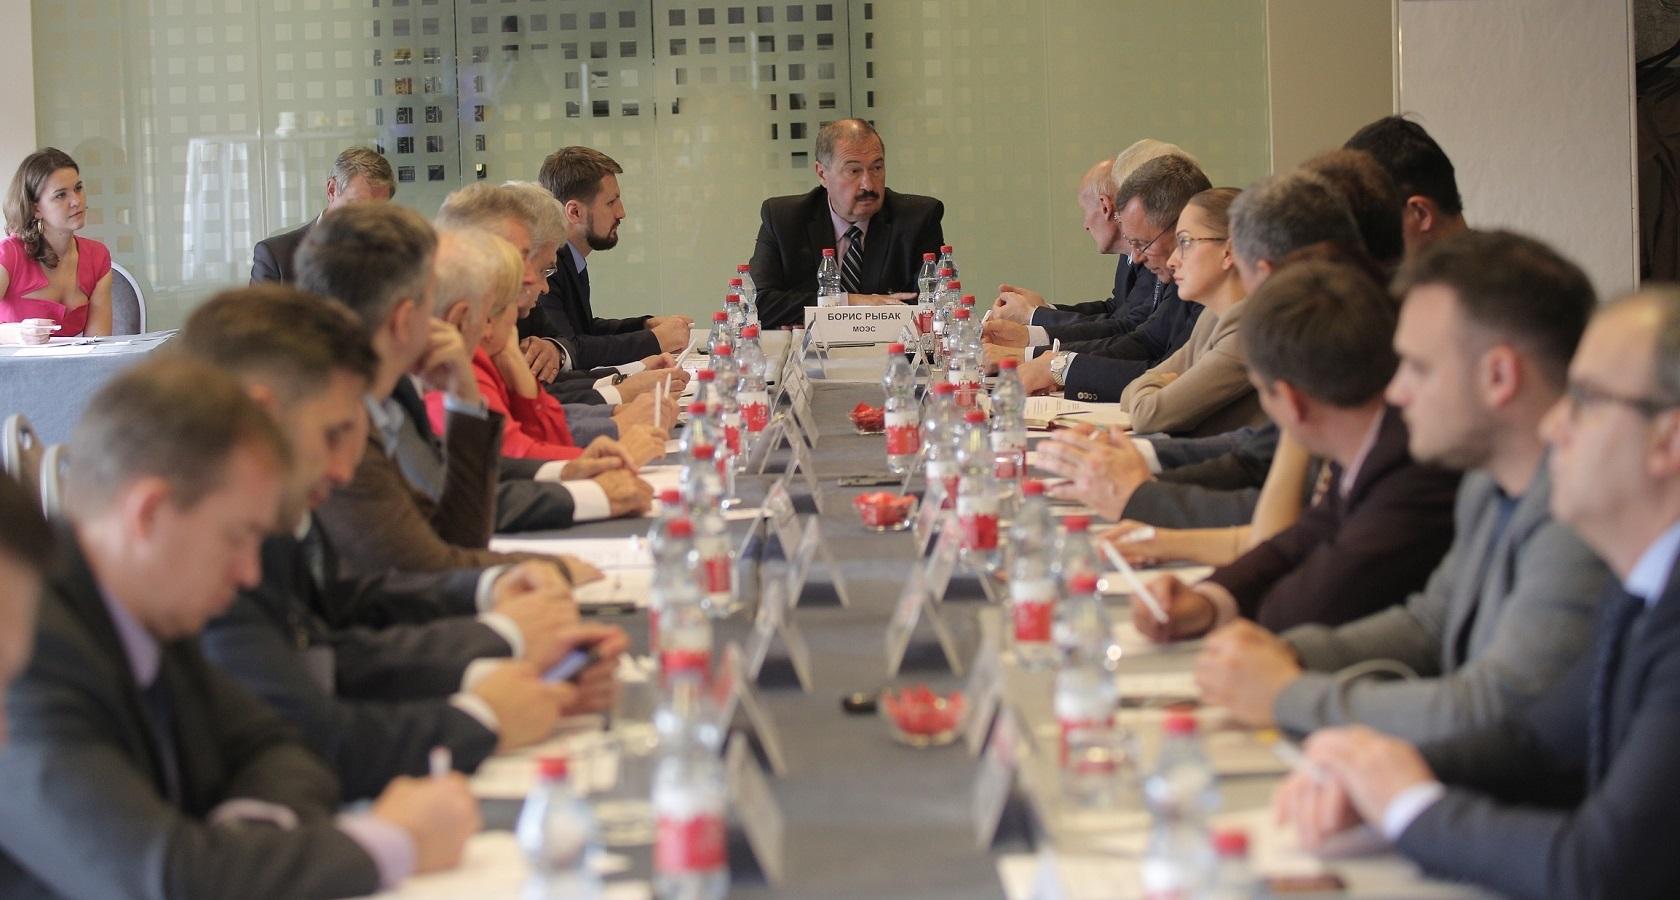 Норайр Оганесович Блудян вошел в состав Межотраслевого экспертного совета, который функционирует с января 2017 года (фото: ATO Events)